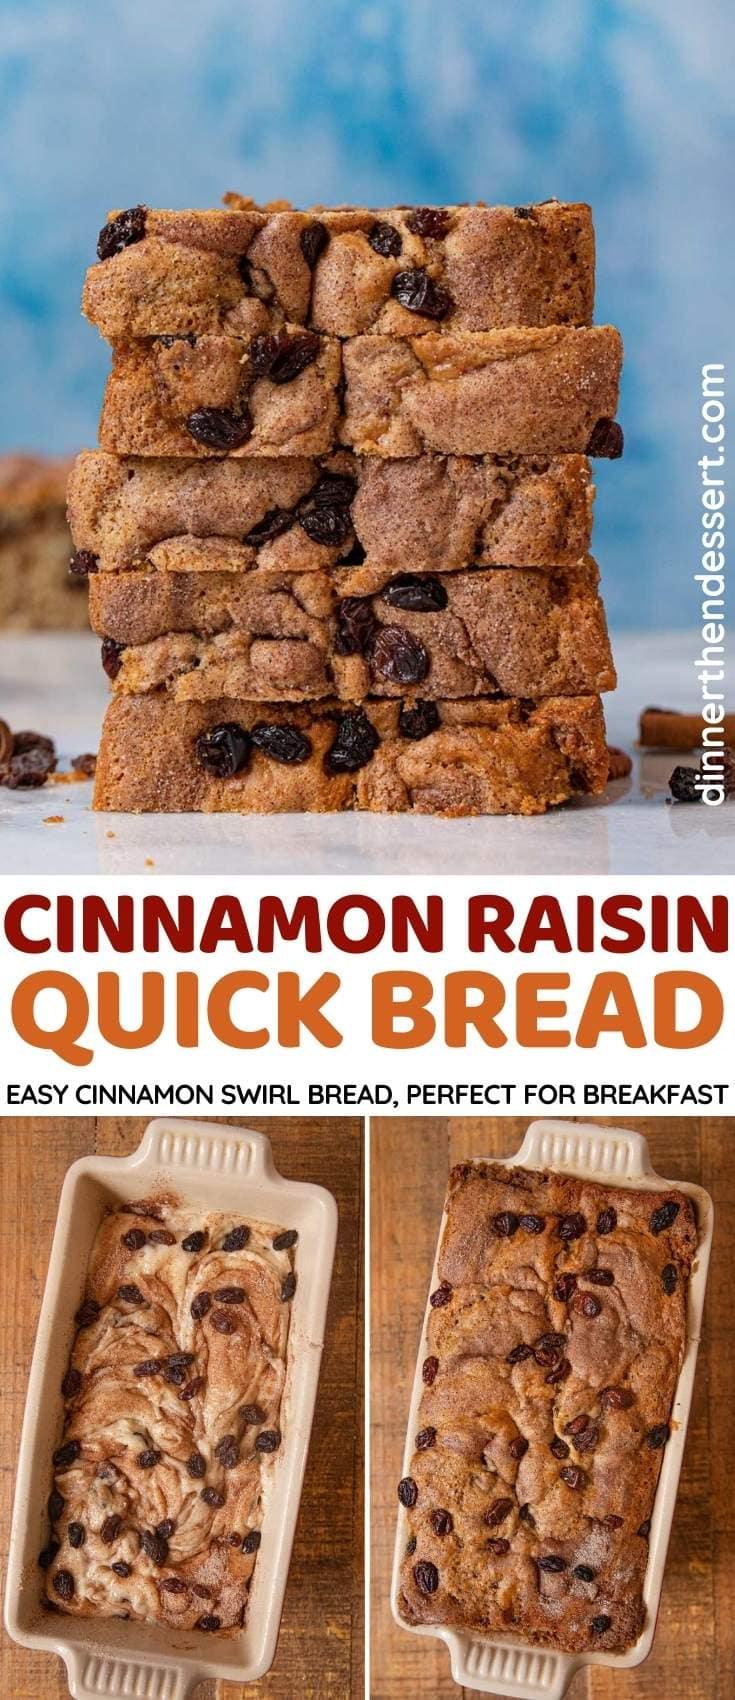 Cinnamon Raisin Quick Bread collage